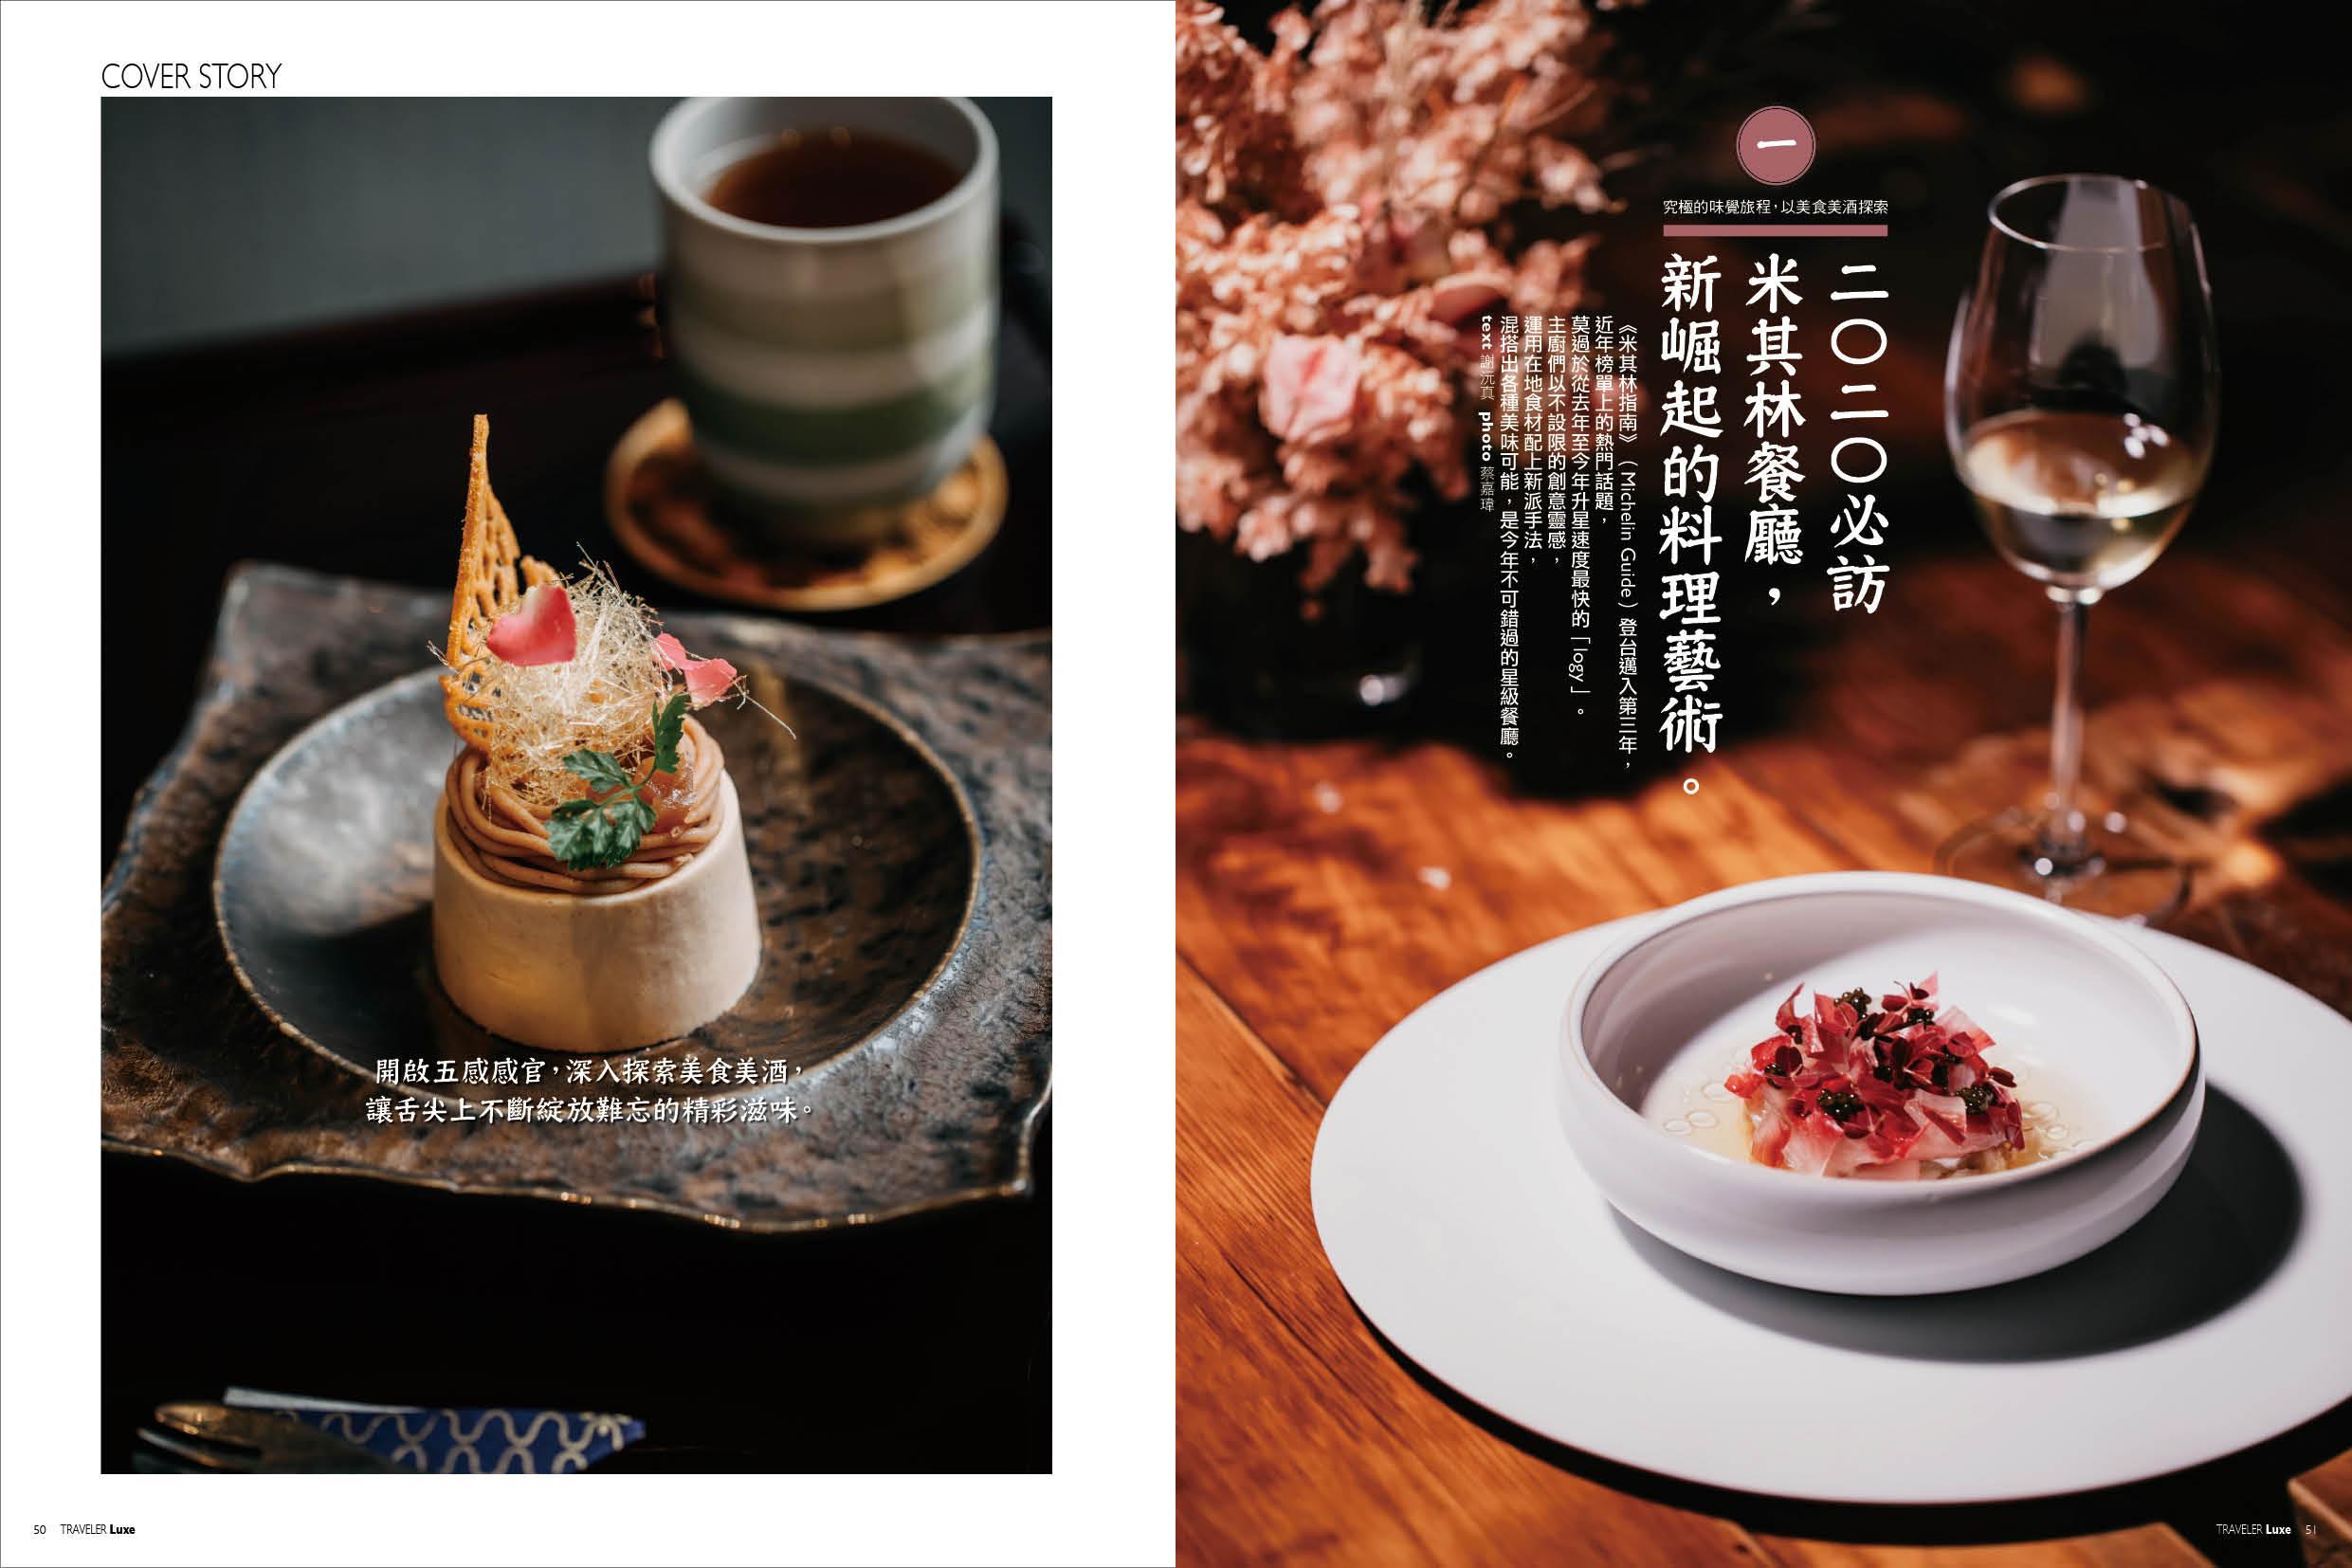 究極的味覺旅程,以美食美酒探索台灣 pic2